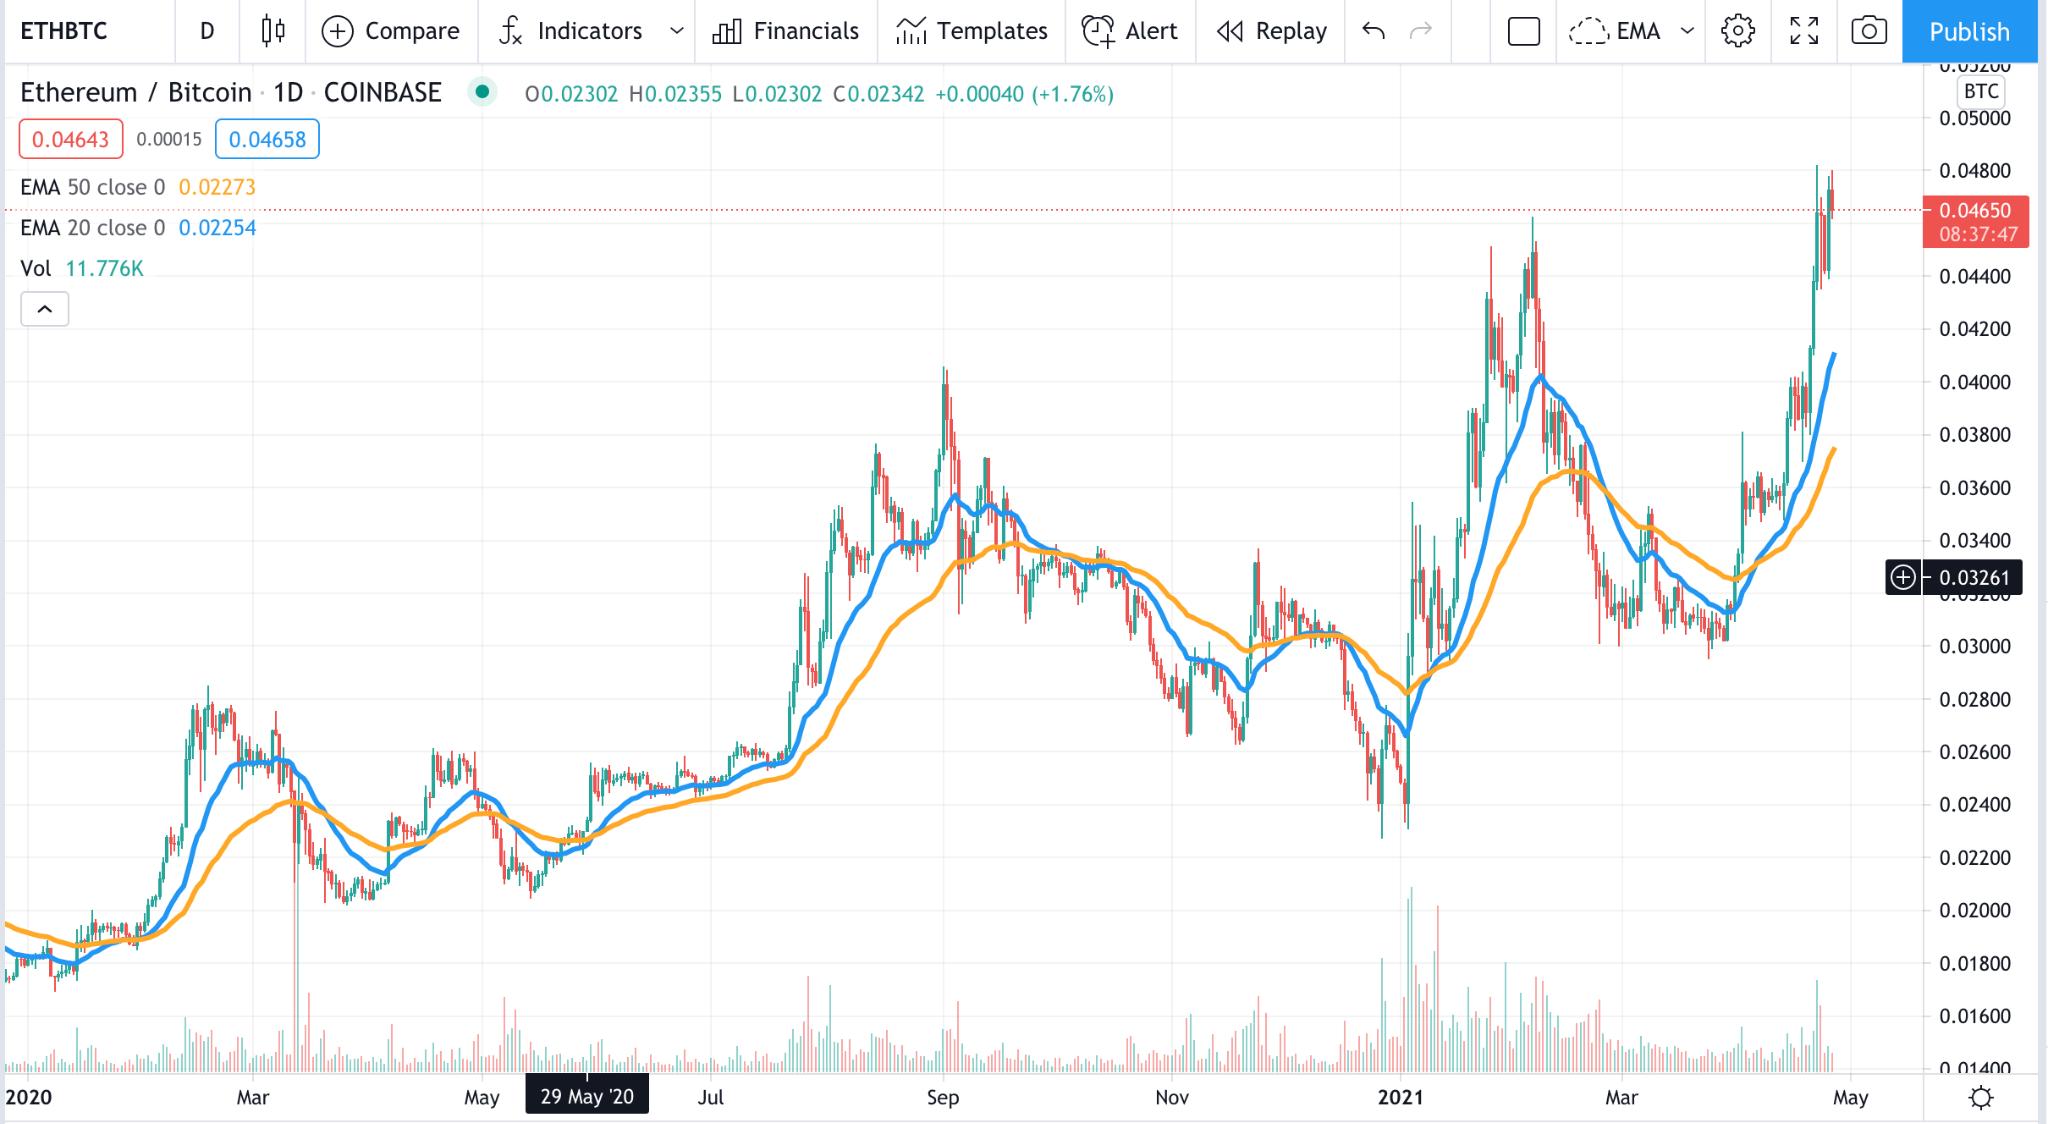 Ethereum vs. Bitcoin stock graph comparison